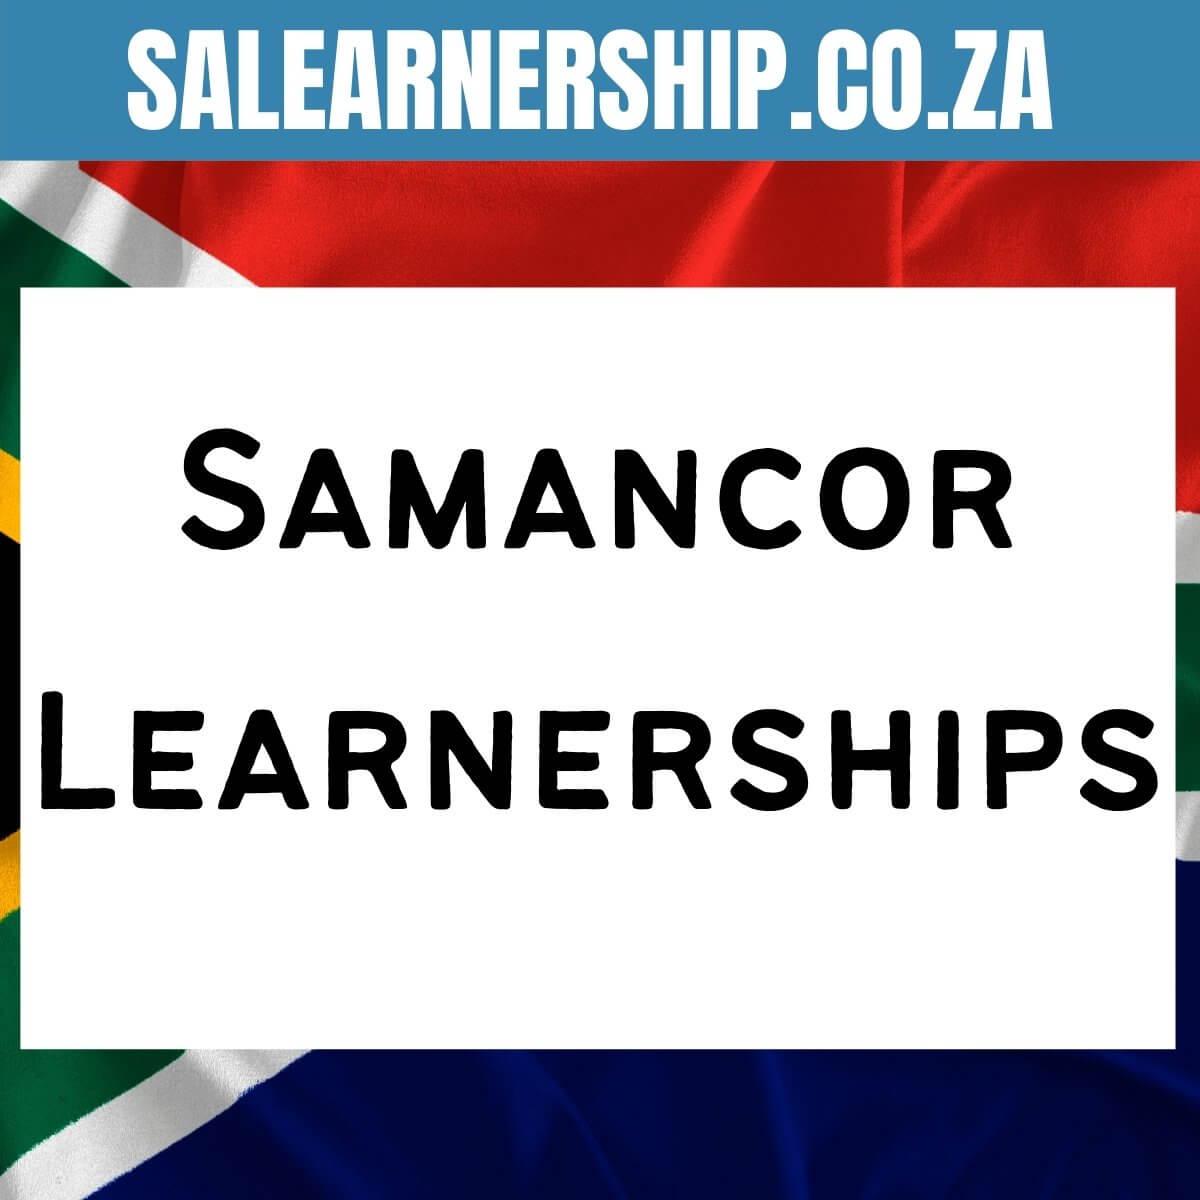 Samancor Learnerships